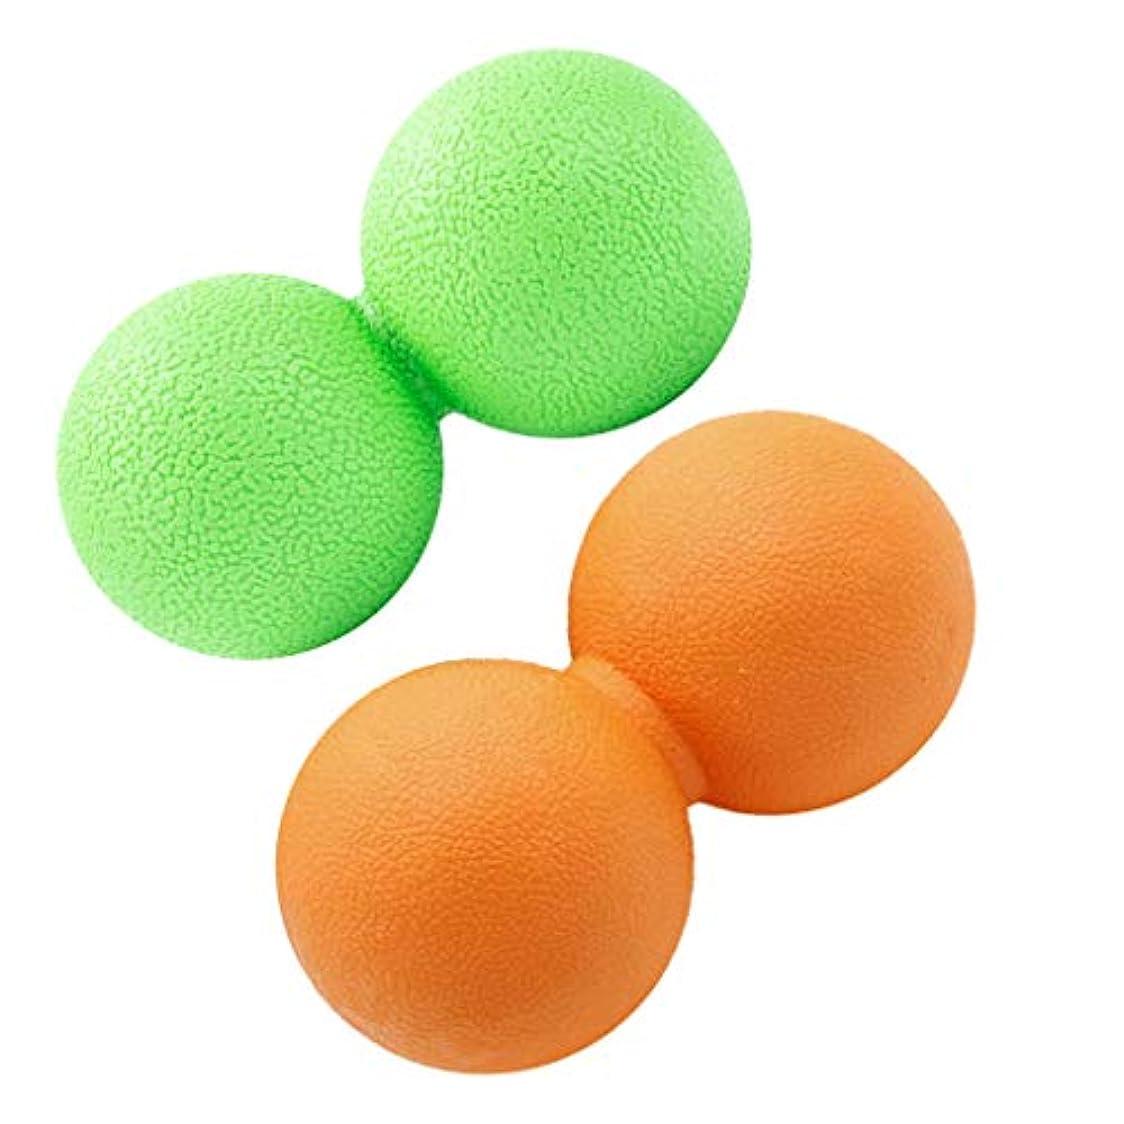 り上昇変えるマッサージボール ピーナッツ型 筋膜リリース トリガーポイント 健康器具 持ち運び 2個入